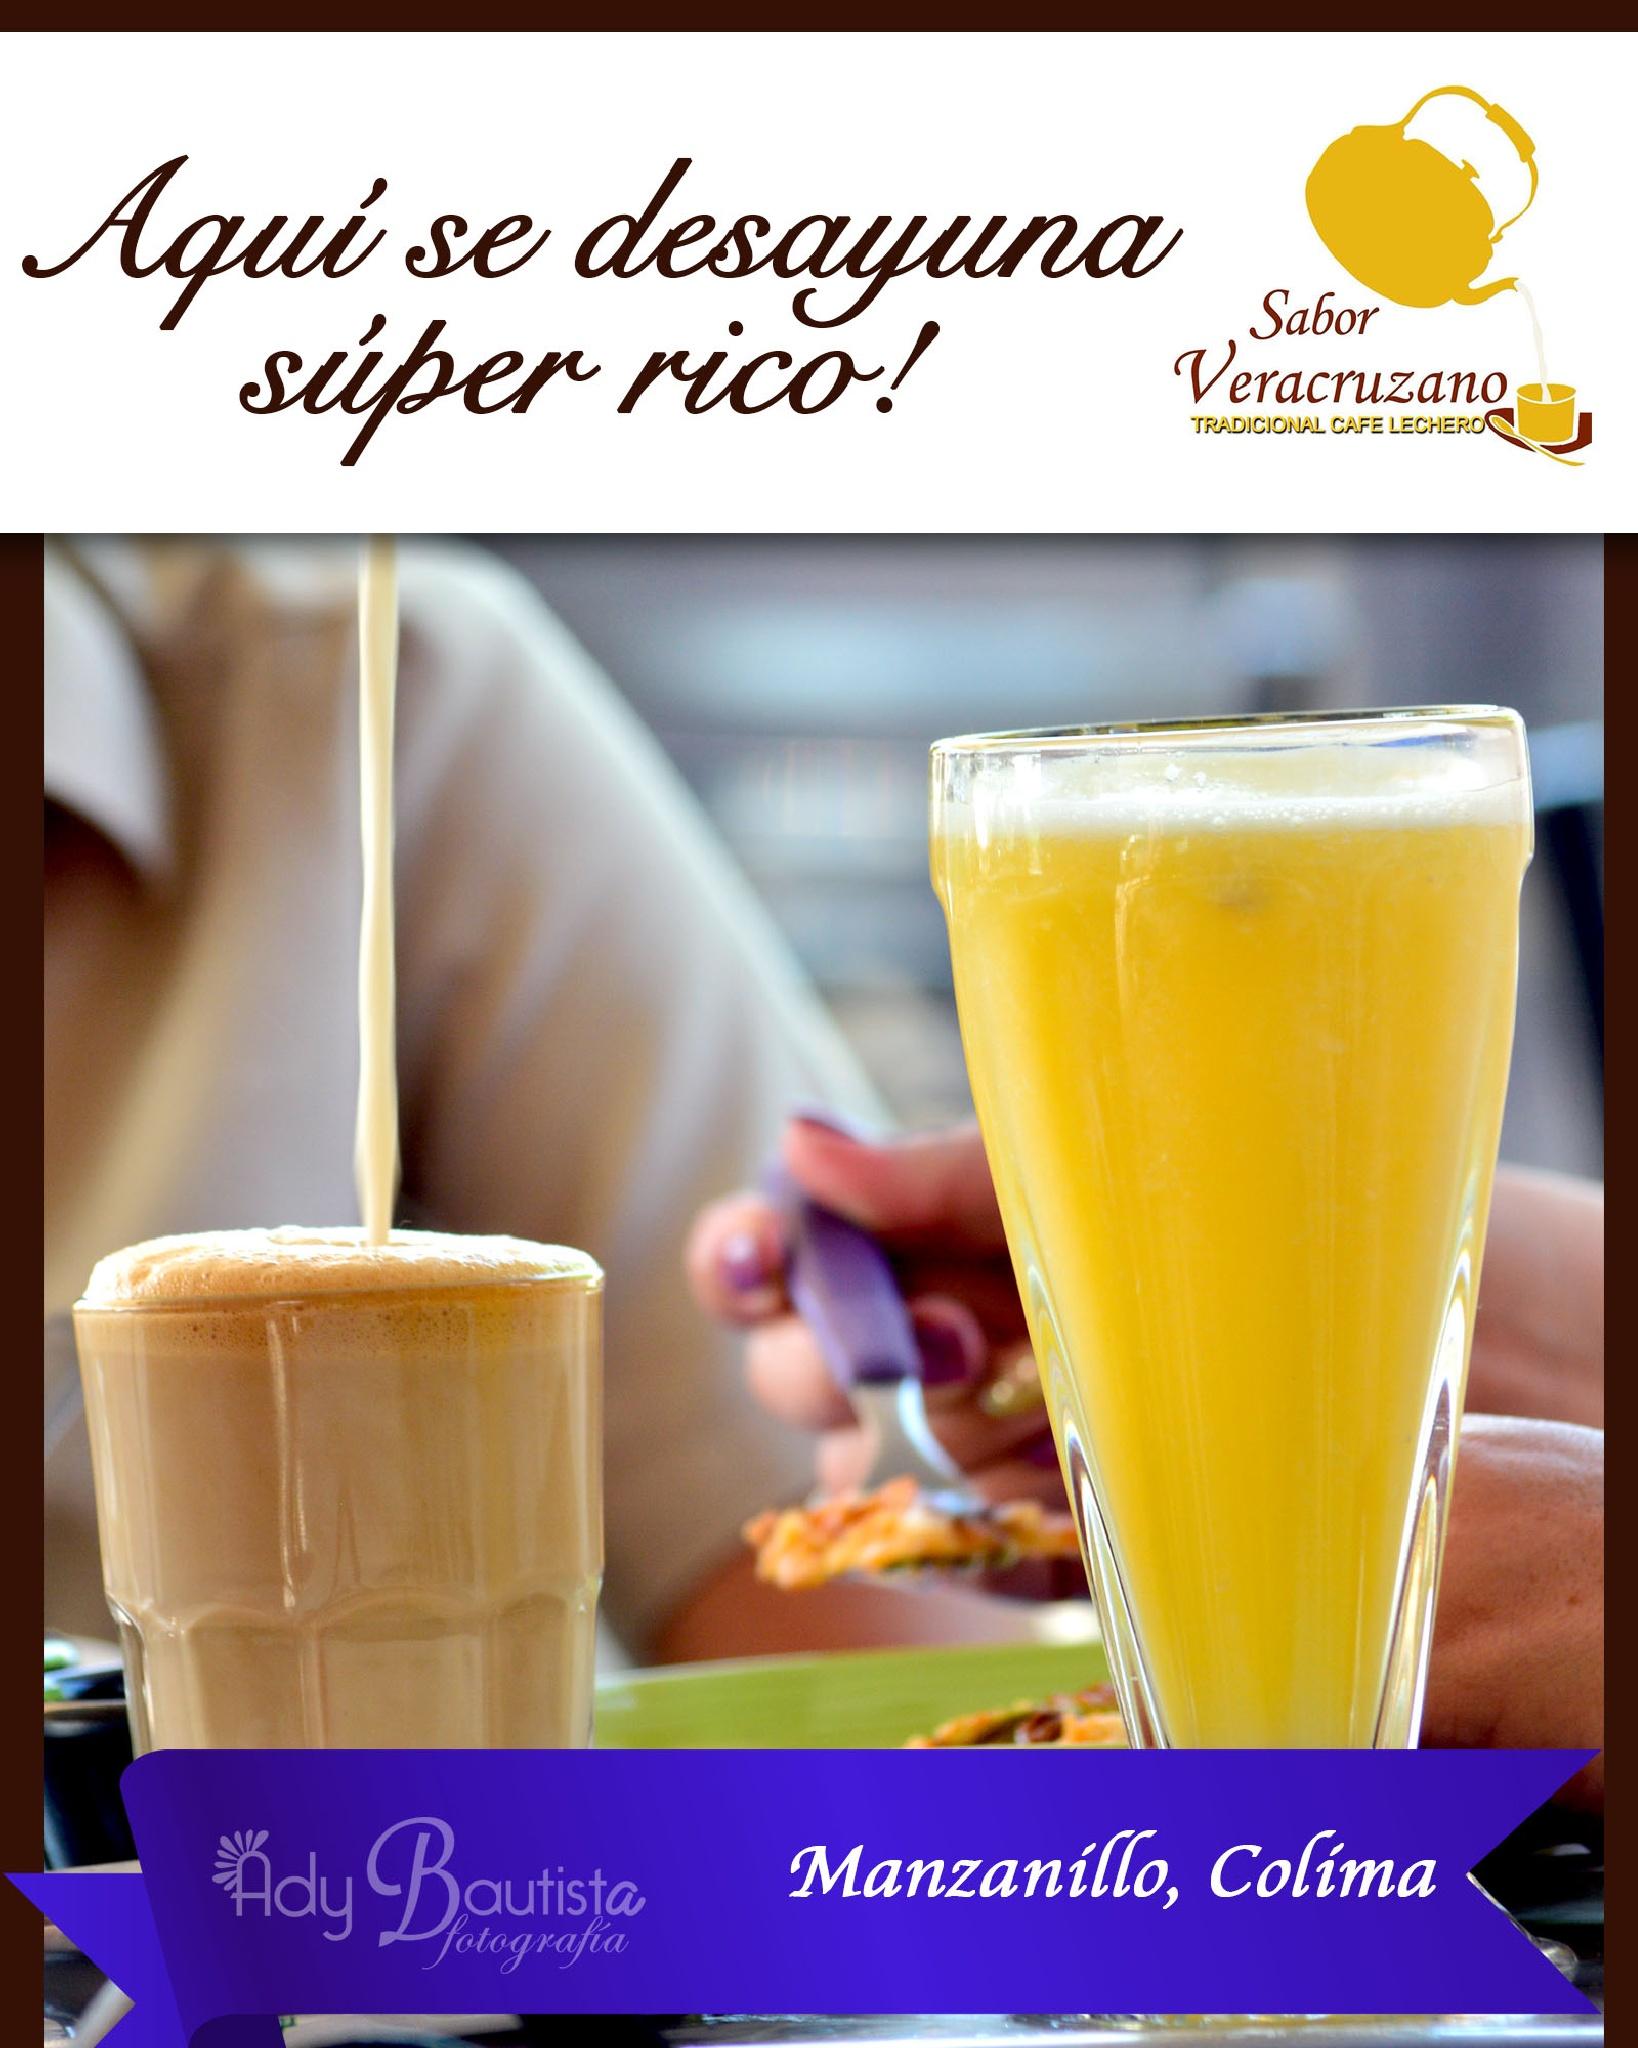 CafeVeracruzano by Ady Bautista Fotografía